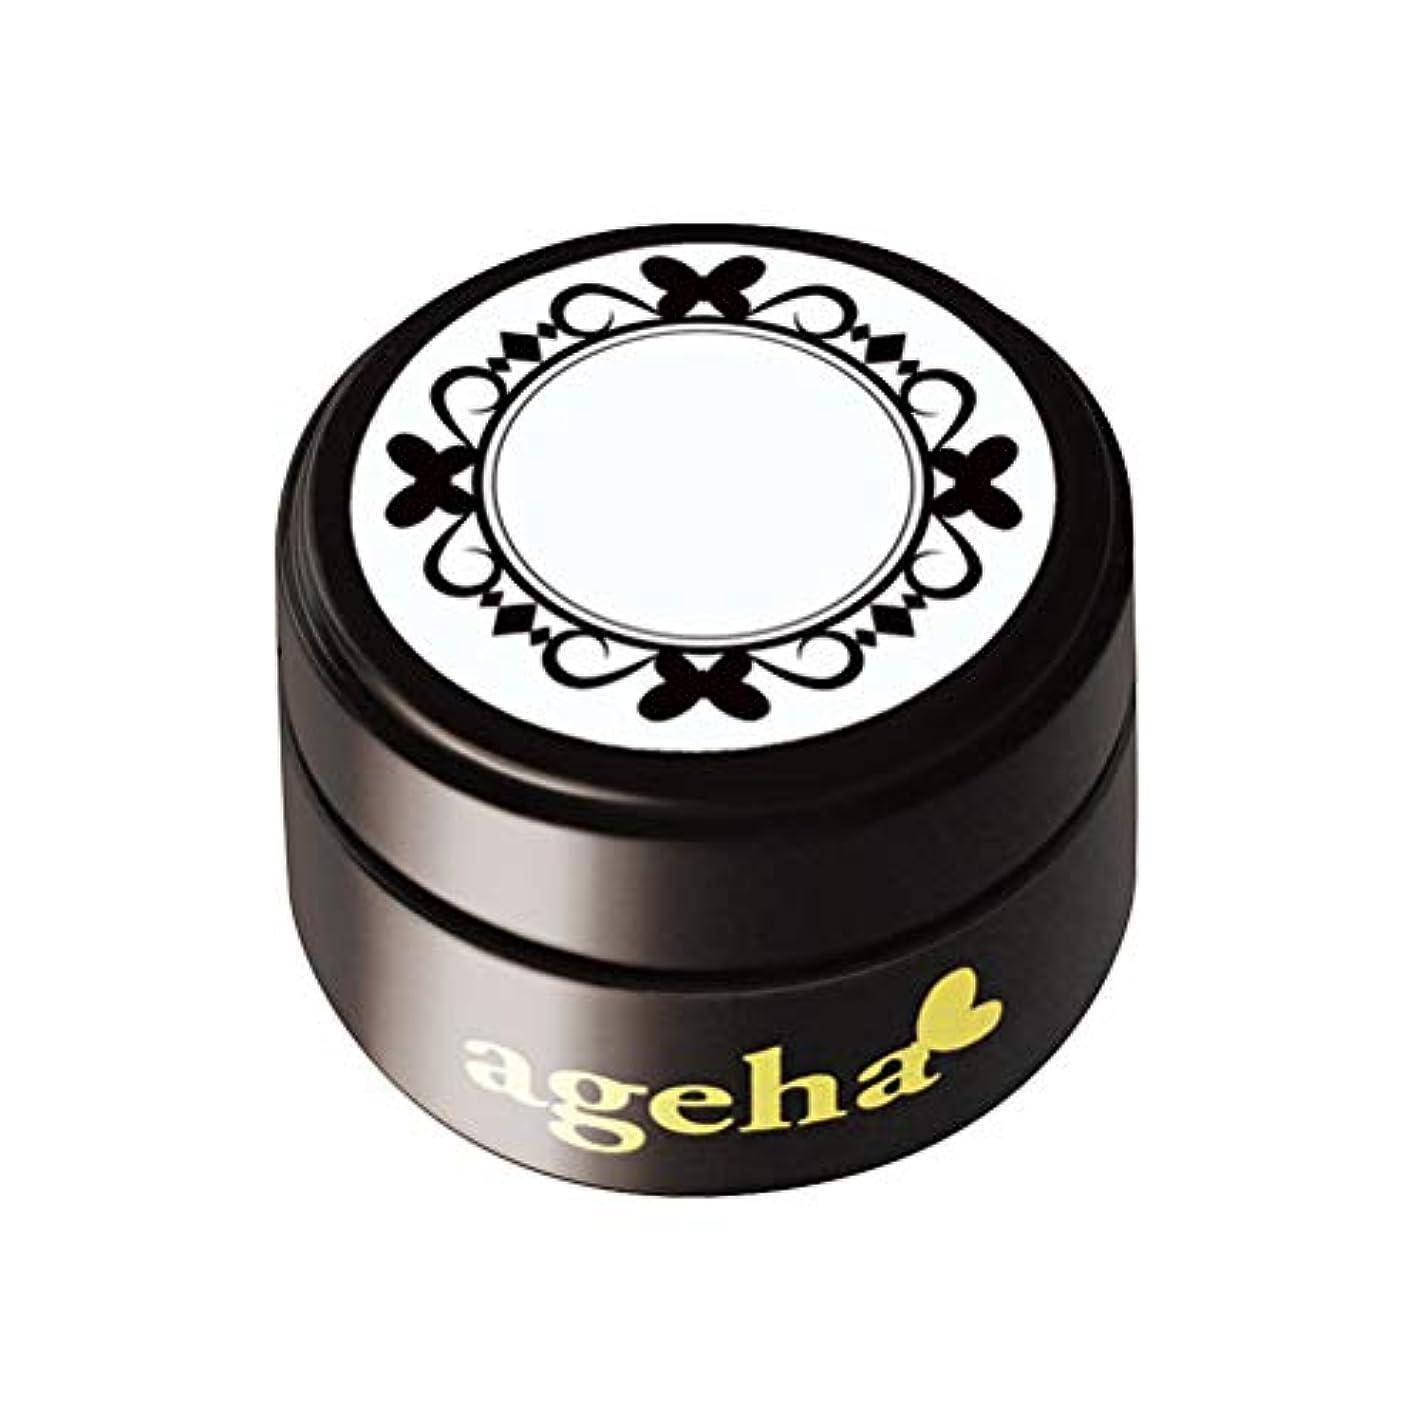 展開する寂しい廃止するageha コスメカラー 230 レトロピンク 2.7g UV/LED対応